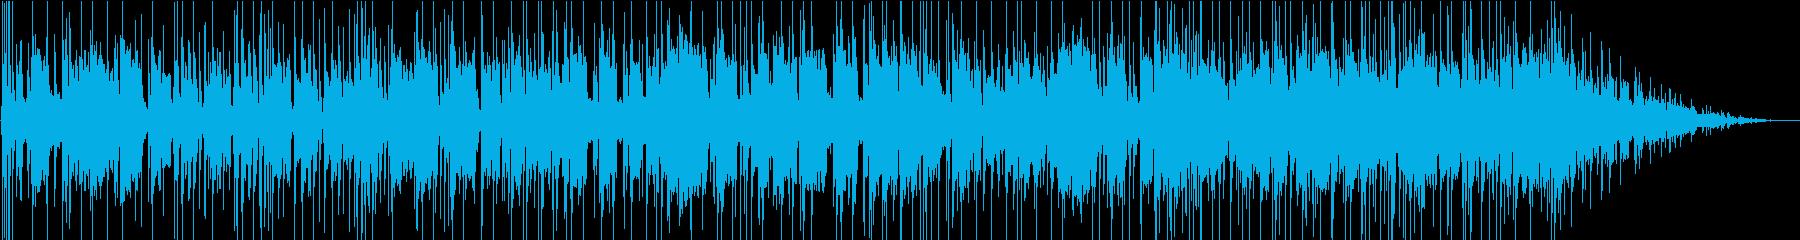 豪華ホーンセクションのアメリカンポップスの再生済みの波形